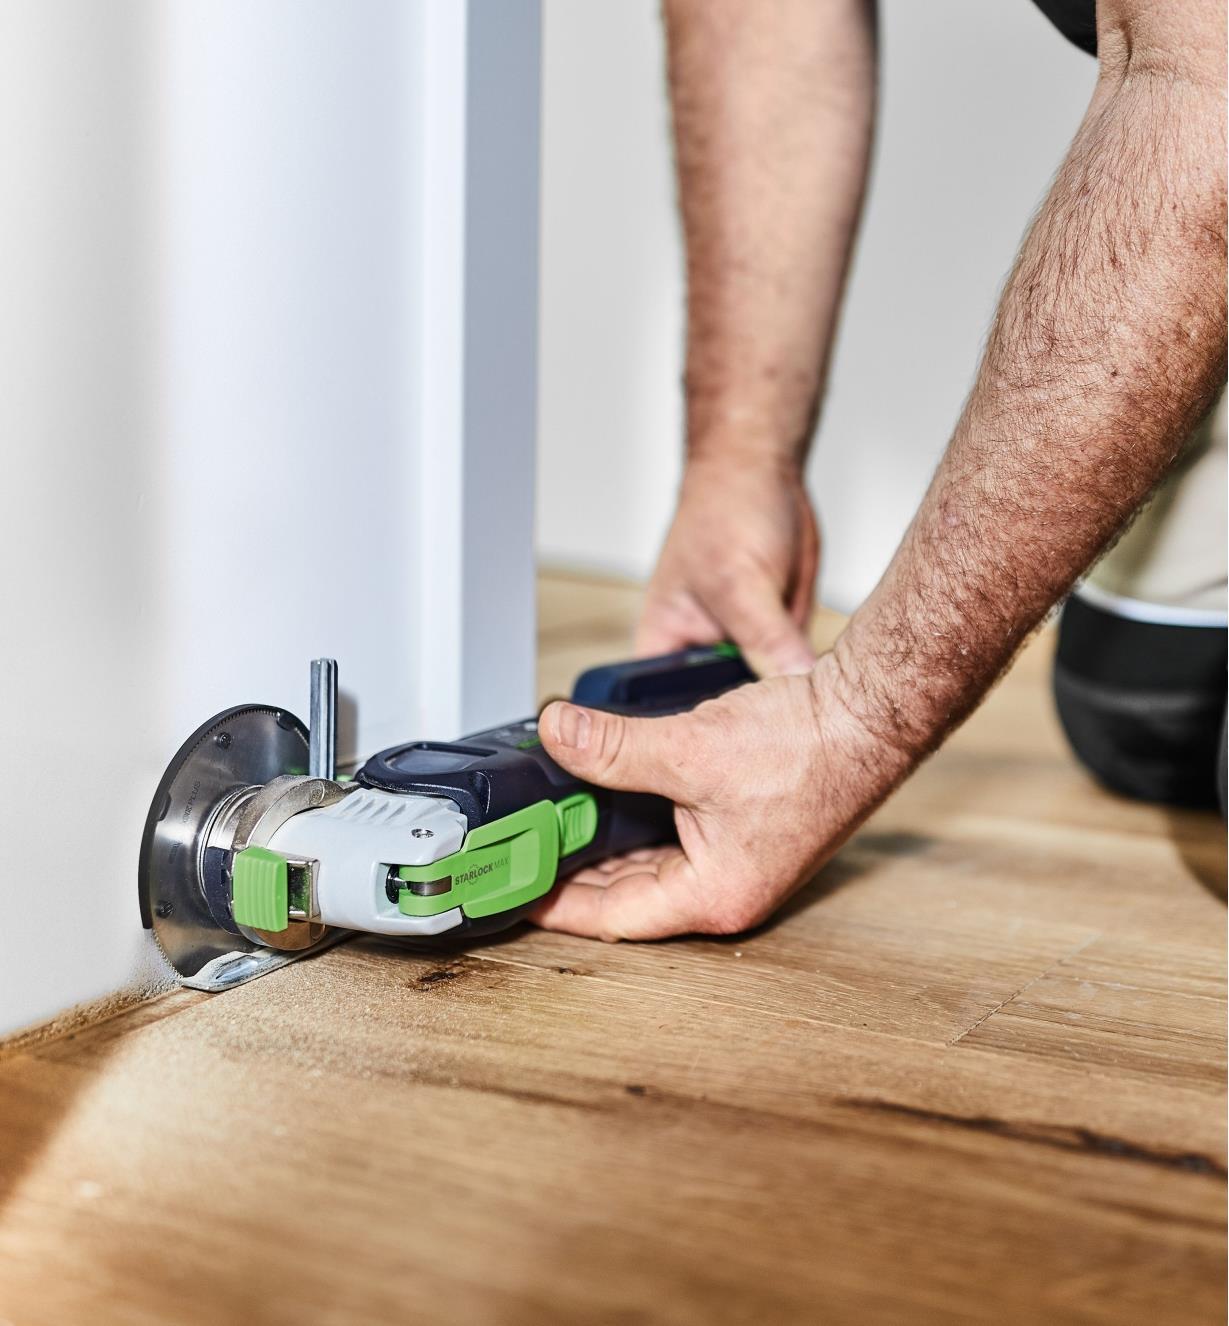 Personne effectuant une coupe en plongée dans un plancher en bois le long d'un mur avec un outil oscillant OSC 18 muni d'une lame pour bois